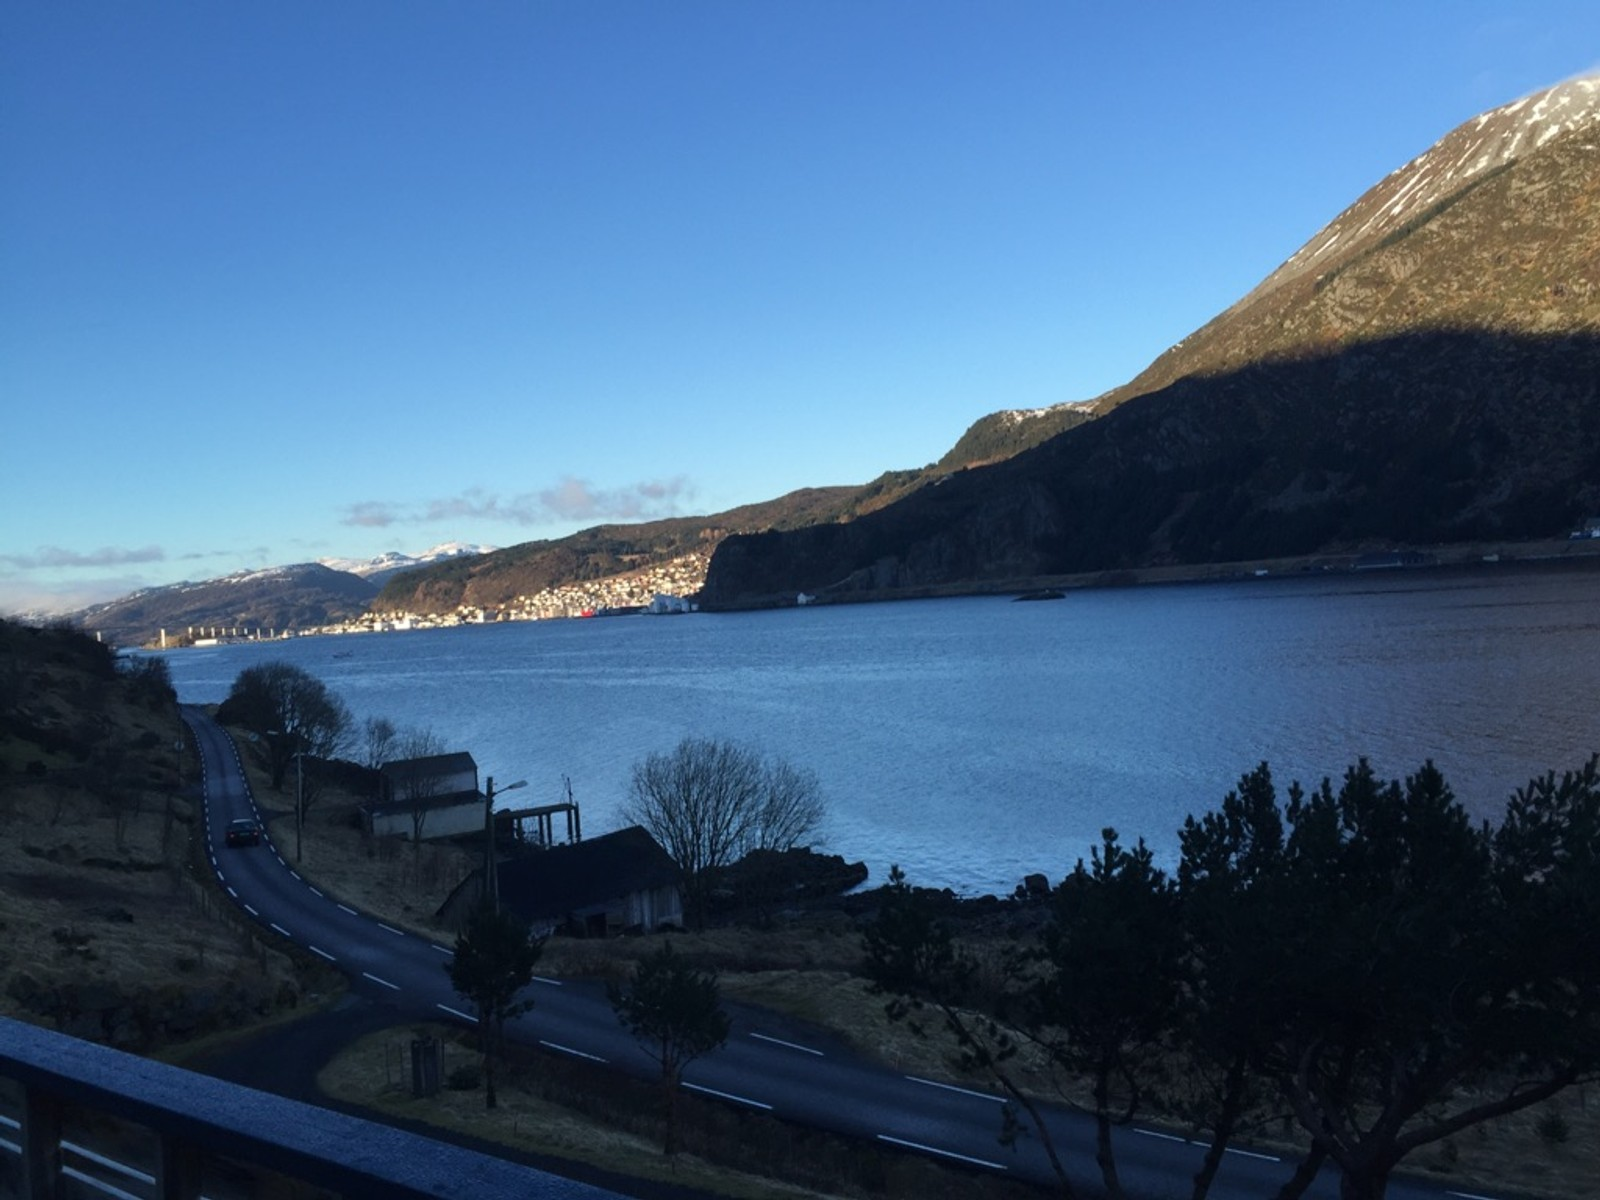 Flott ver i ytre nordfjord. Måløy ligg bada i sol og på Saltkjelen er det tre grader og laber bris, skriv Helge Hansen om dette biletet som er teke onsdag morgon.